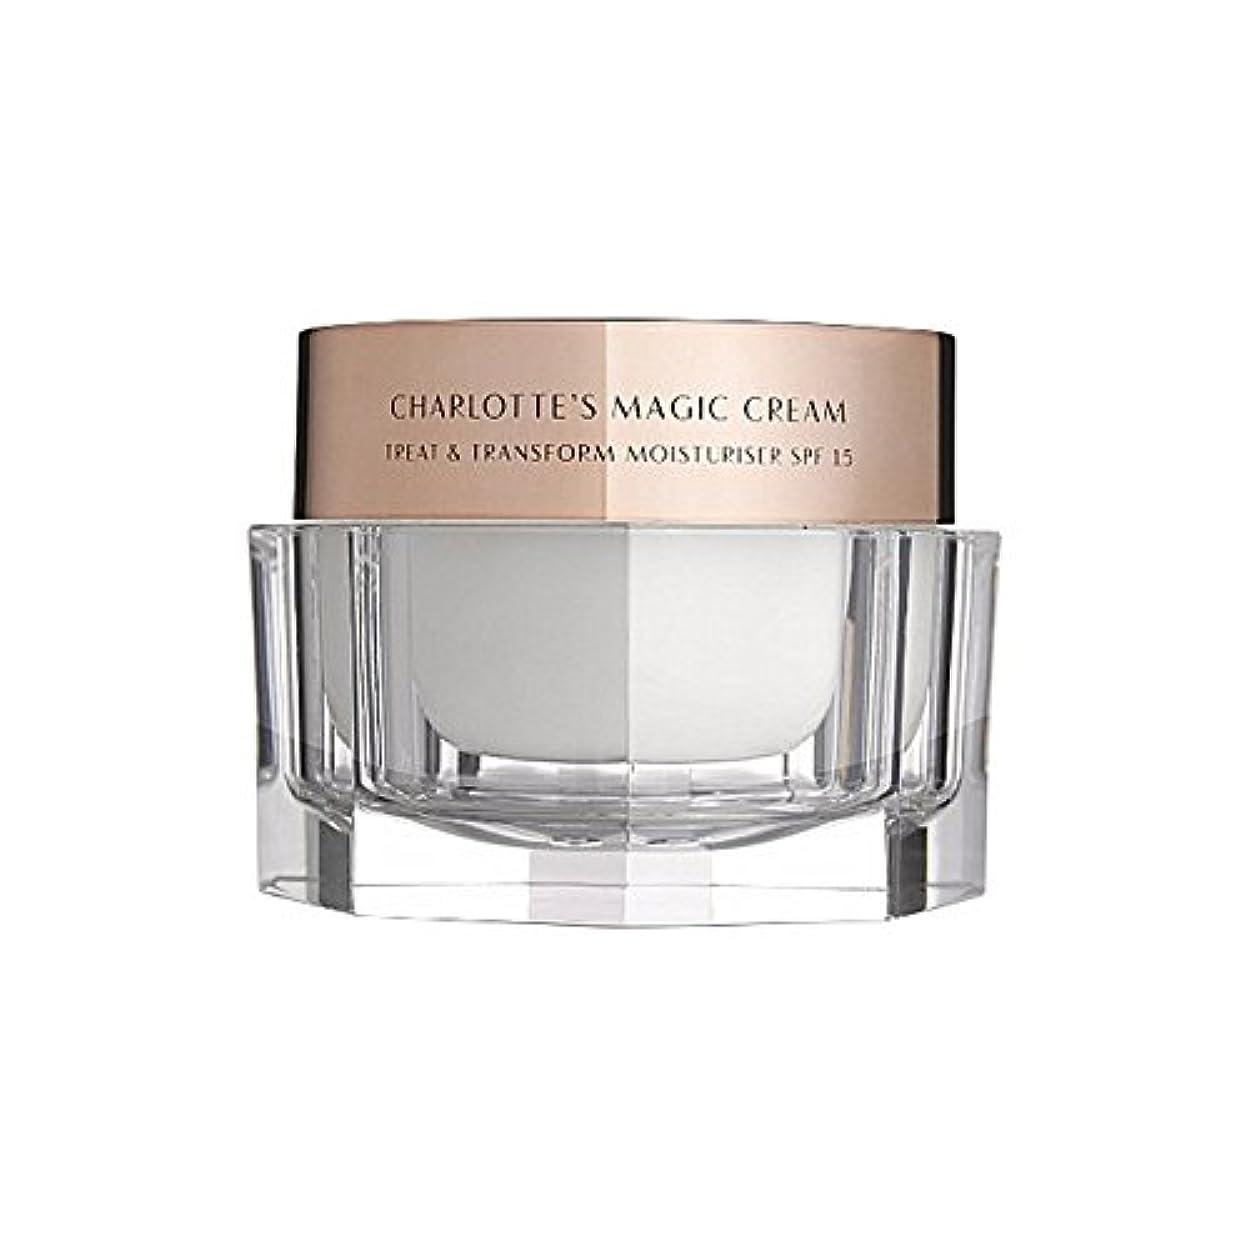 彼らはヶ月目著名なCharlotte Tilbury Charlotte's Magic Cream Treat & Transform Moisturiser Spf 15 50Ml (Pack of 6) - シャーロット?ティルベリーシャーロットの魔法のクリームの御馳走&モイスチャライザー 15 50ミリリットルを変換 x6 [並行輸入品]